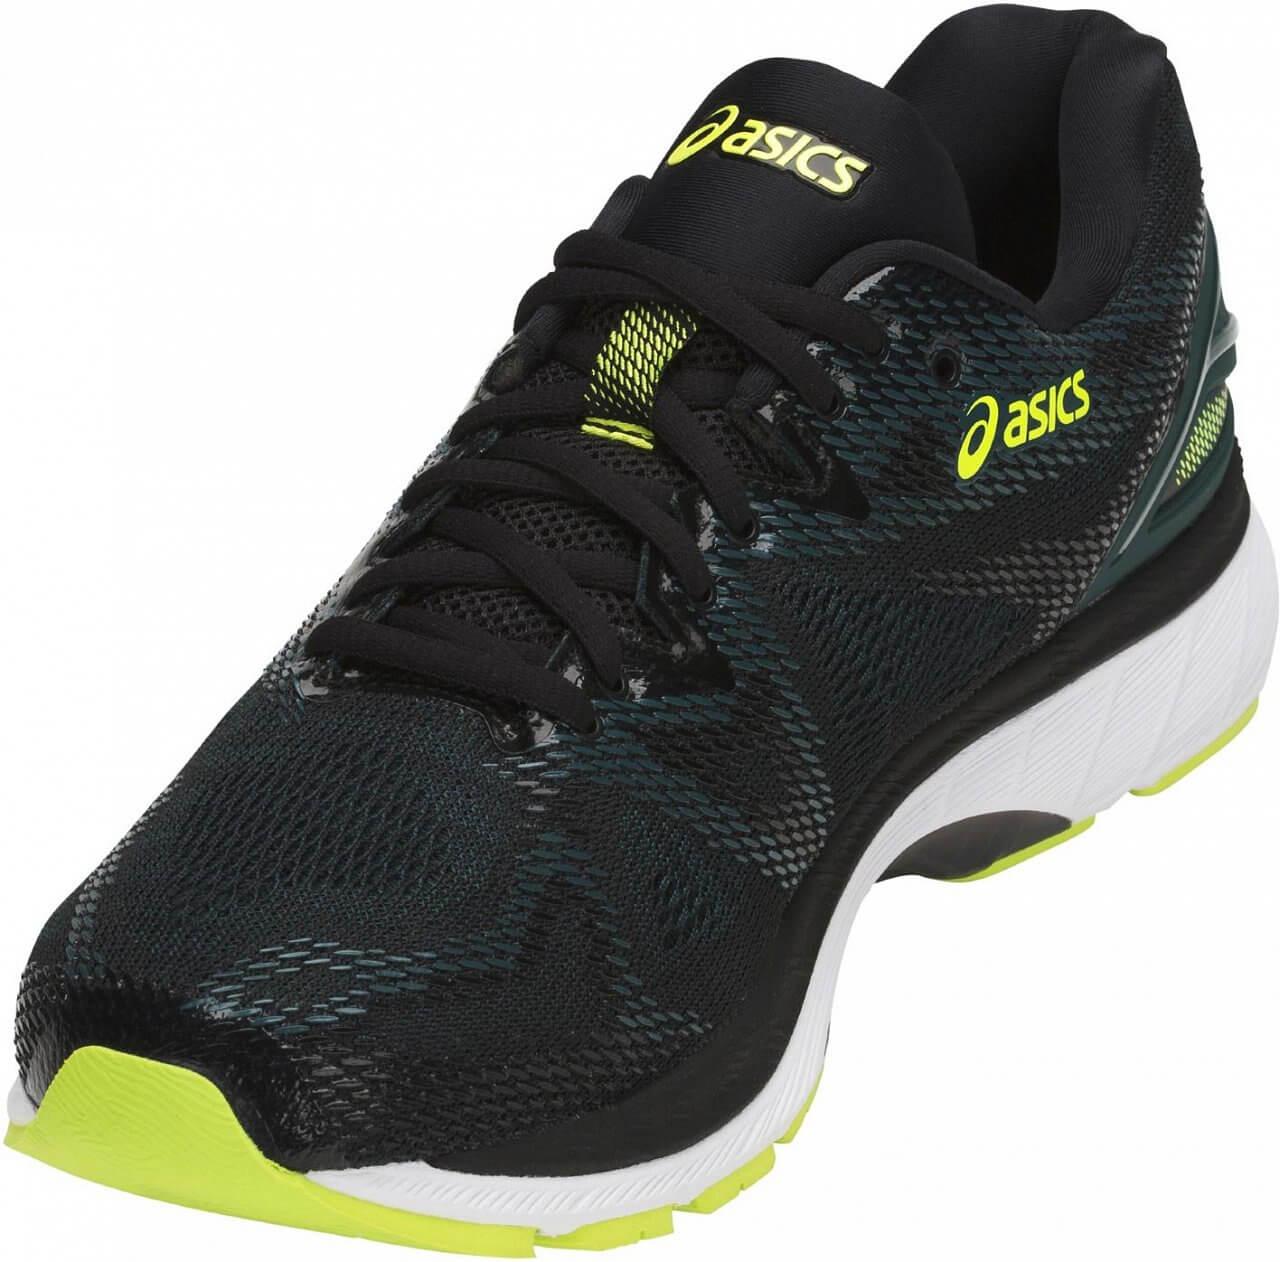 Asics Gel Nimbus 20 - pánske bežecké topánky  4a393ac0b90